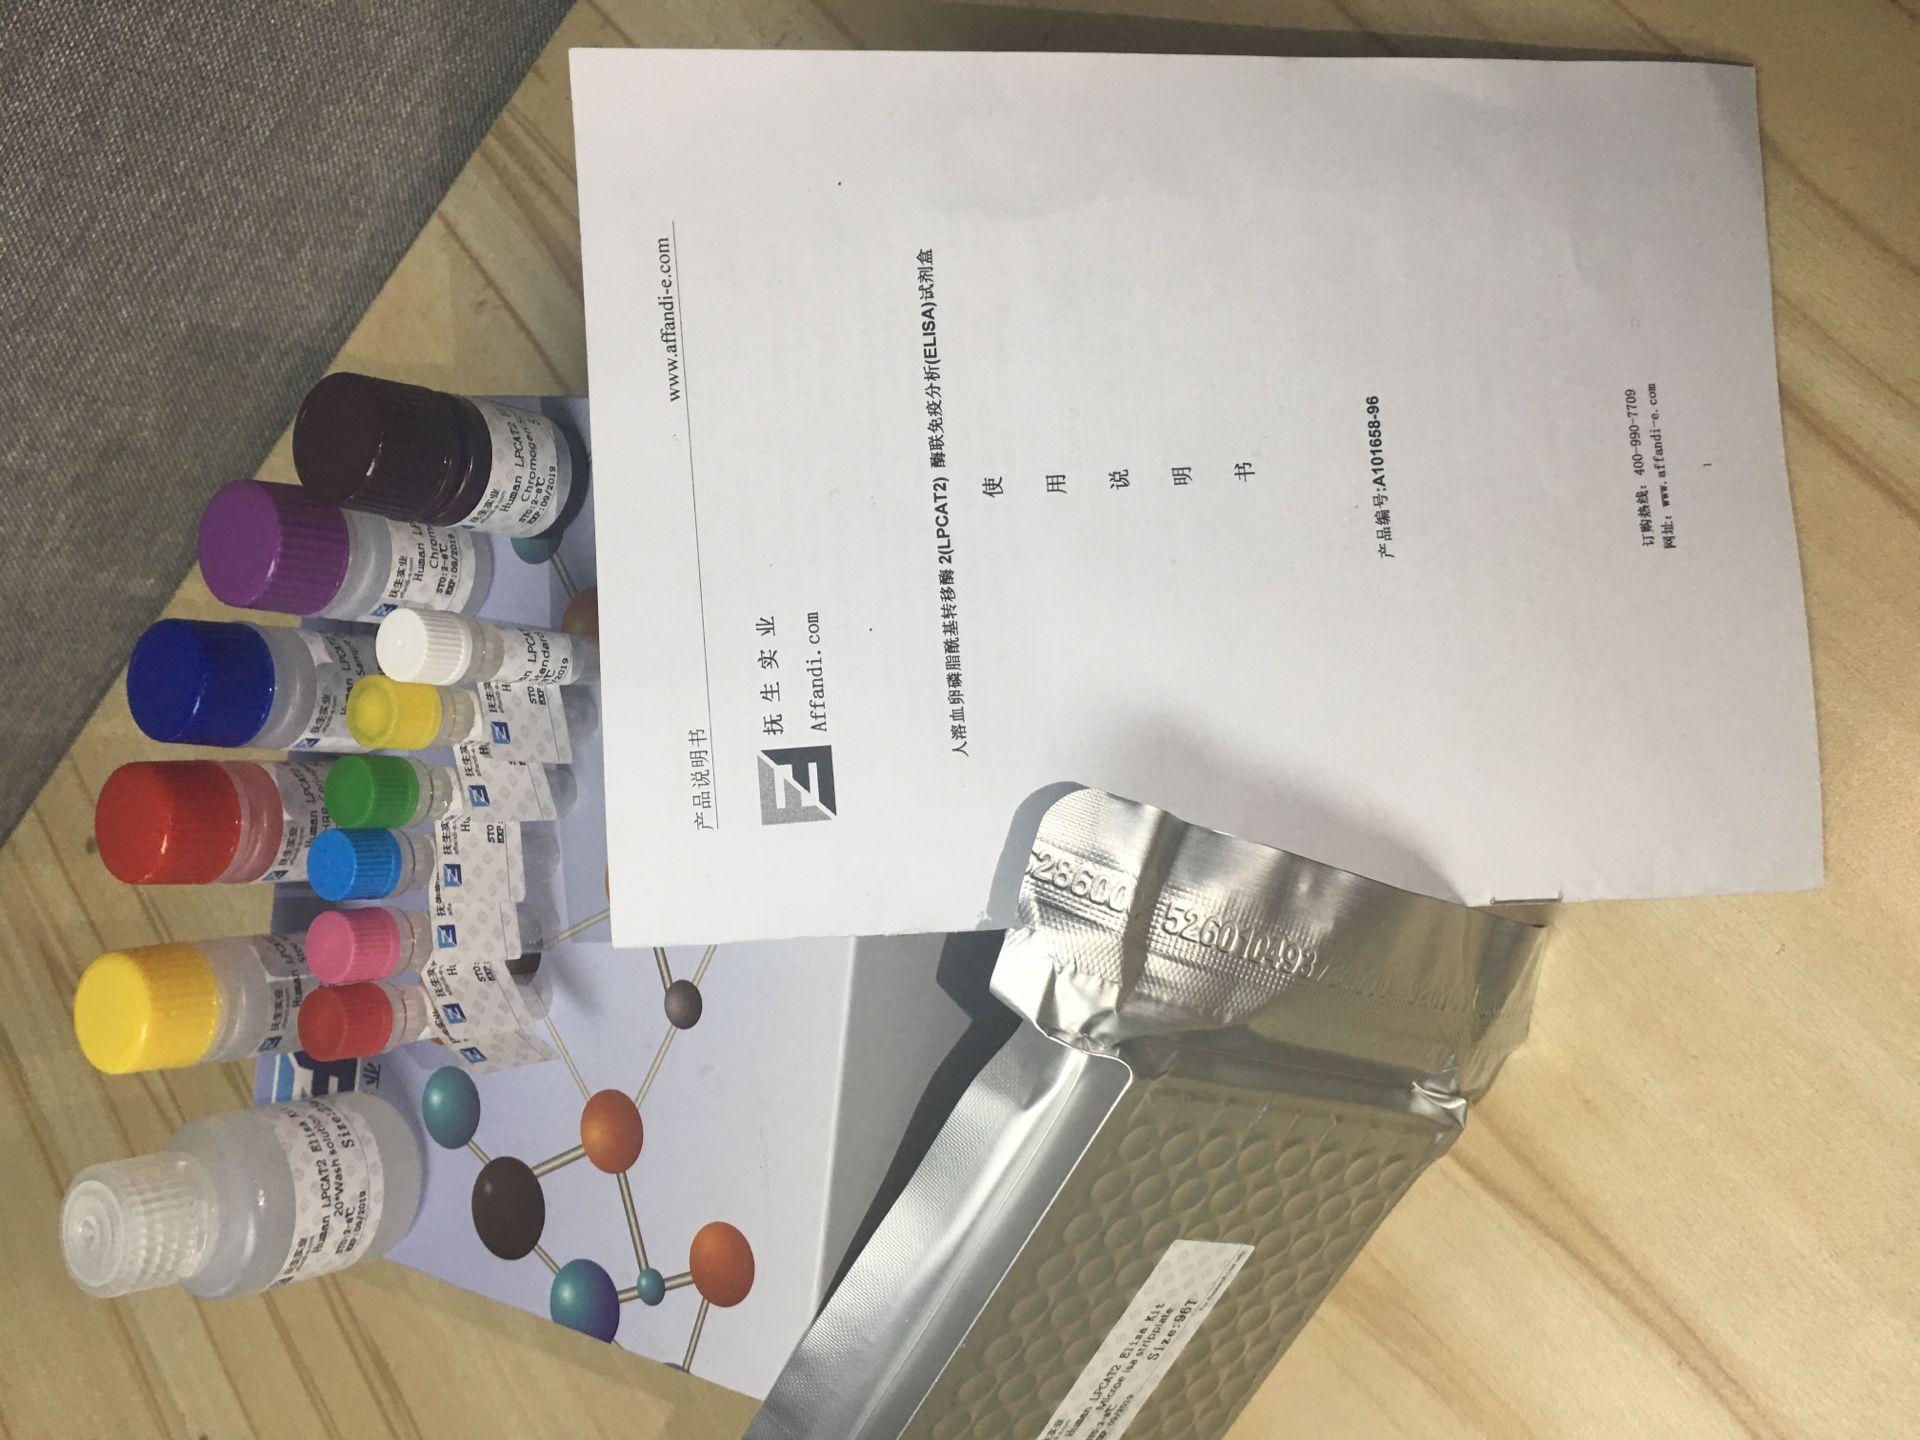 脱镁螯合酶检测试剂盒